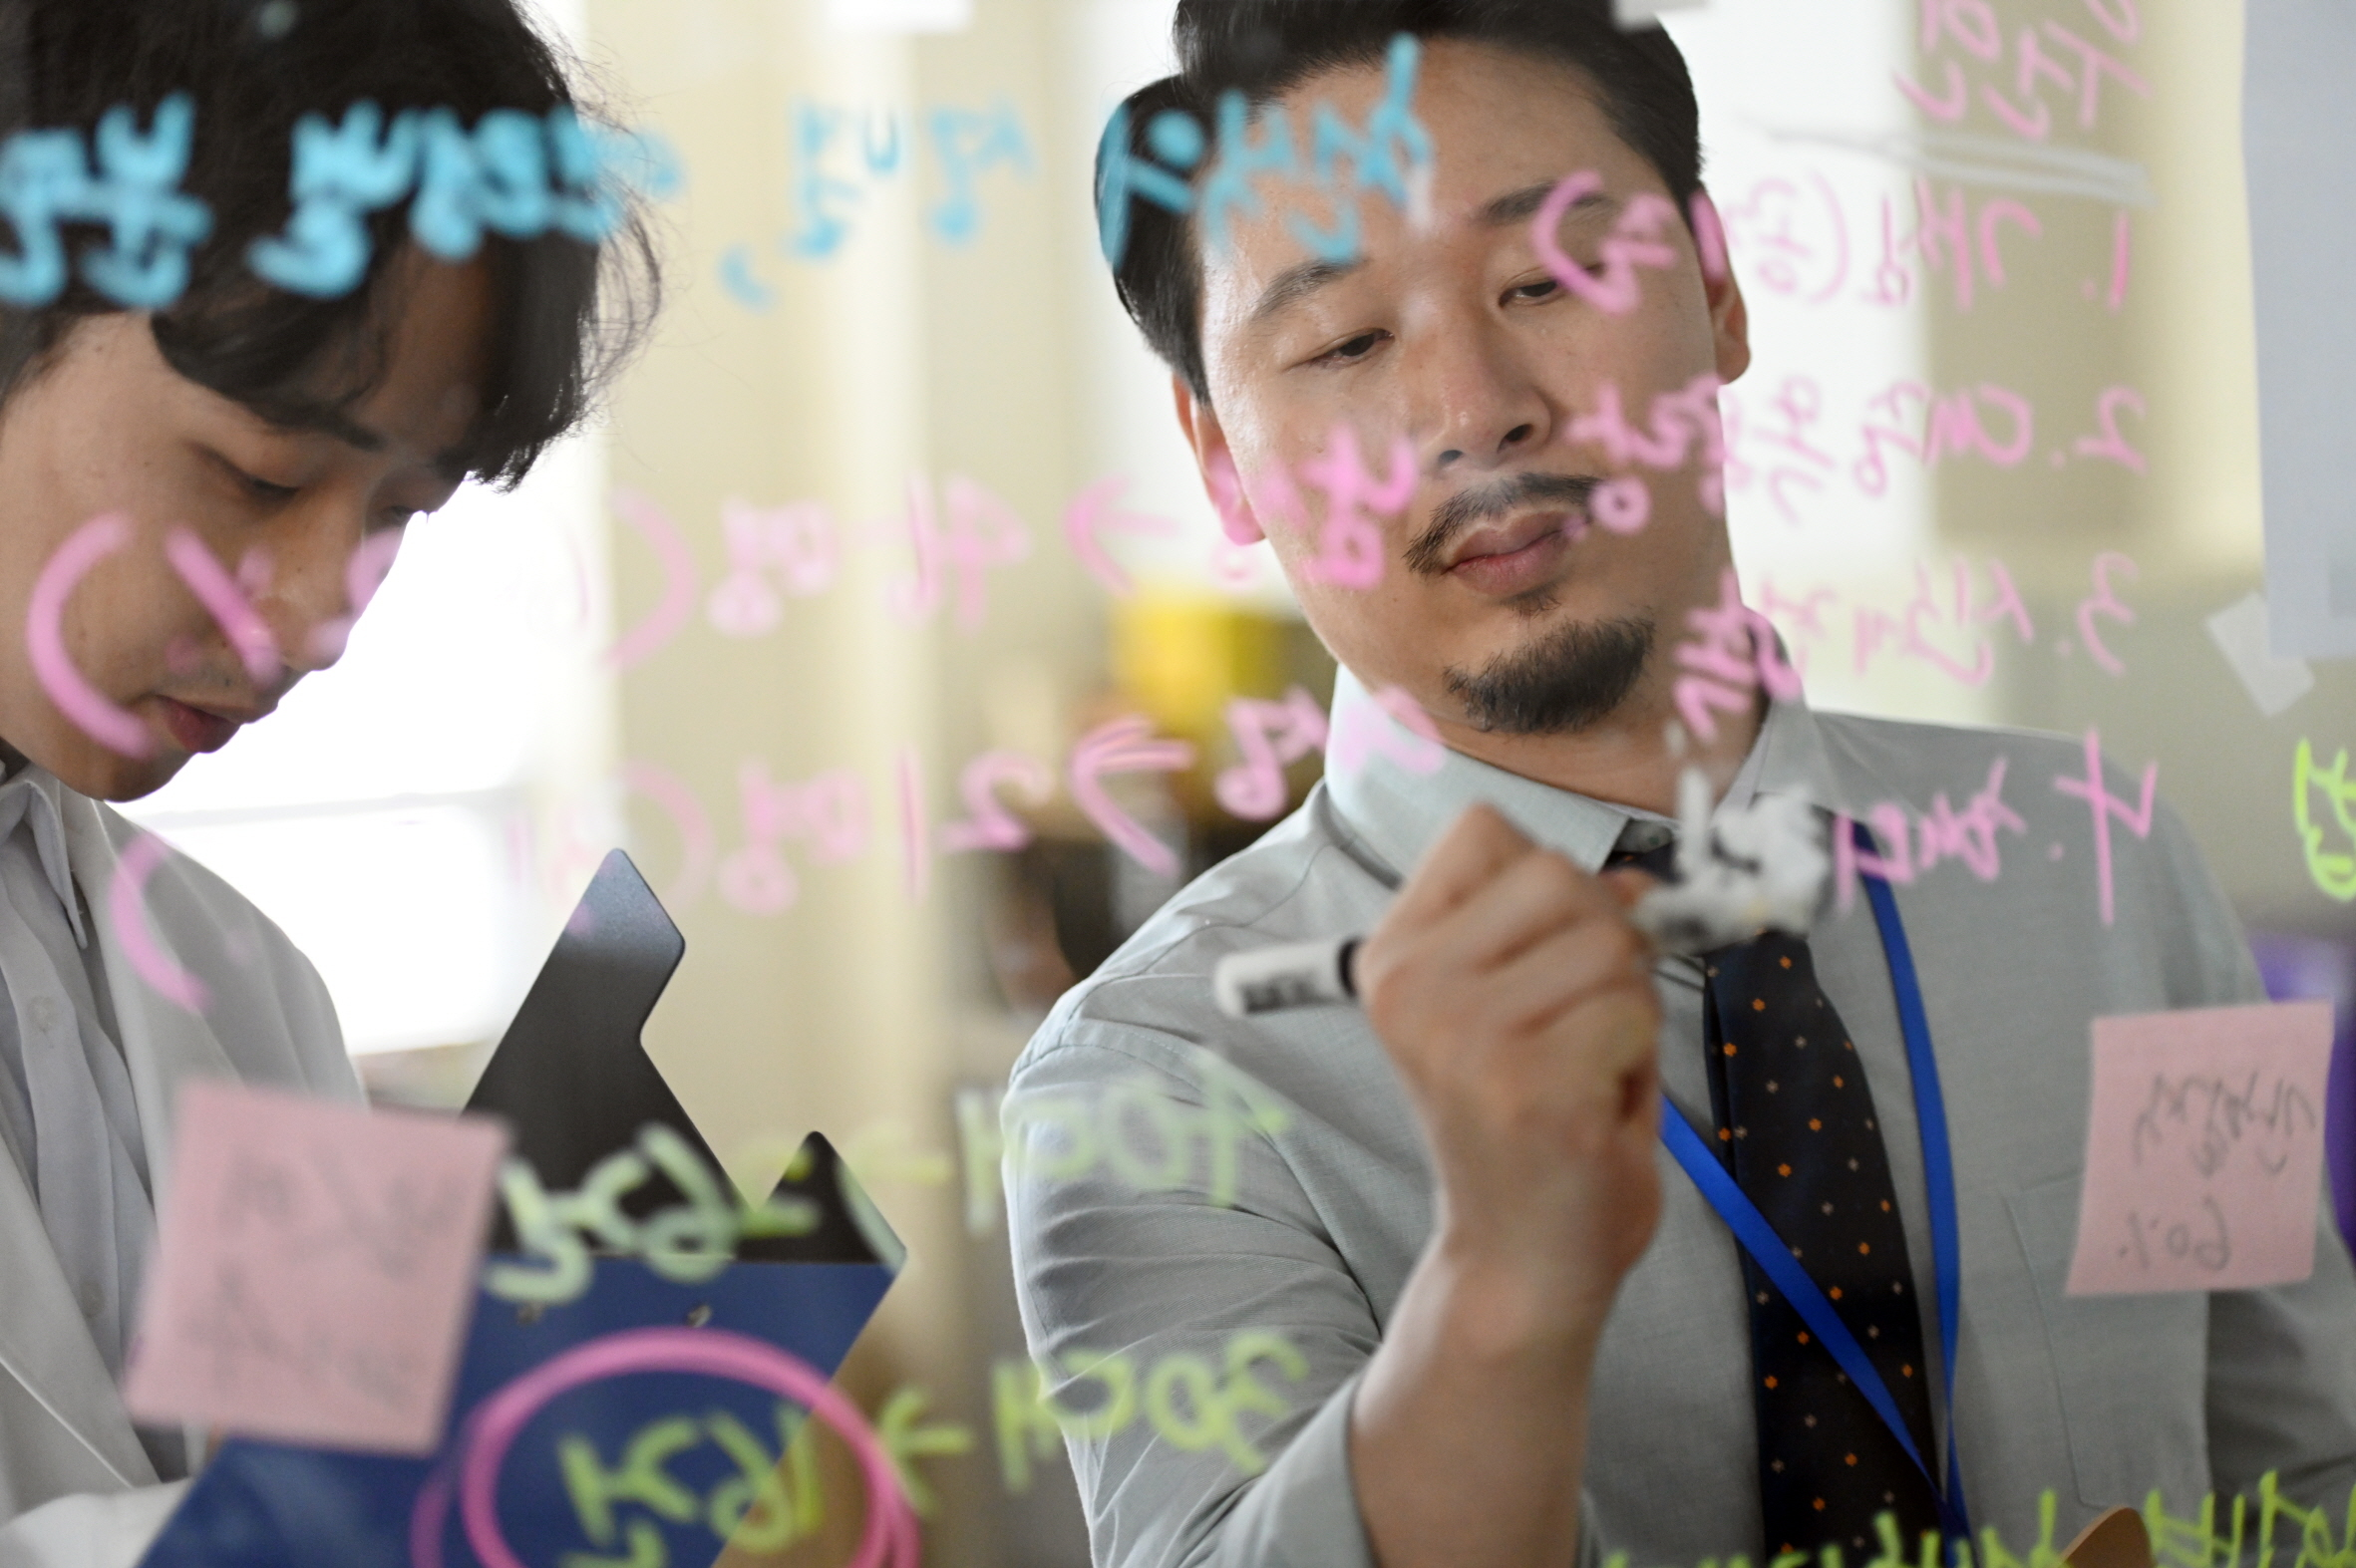 社会派医療捜査ドラマ「ドクター探偵」に抜擢、日韓で活躍する藤井美菜さんインタビュー_1_8-6